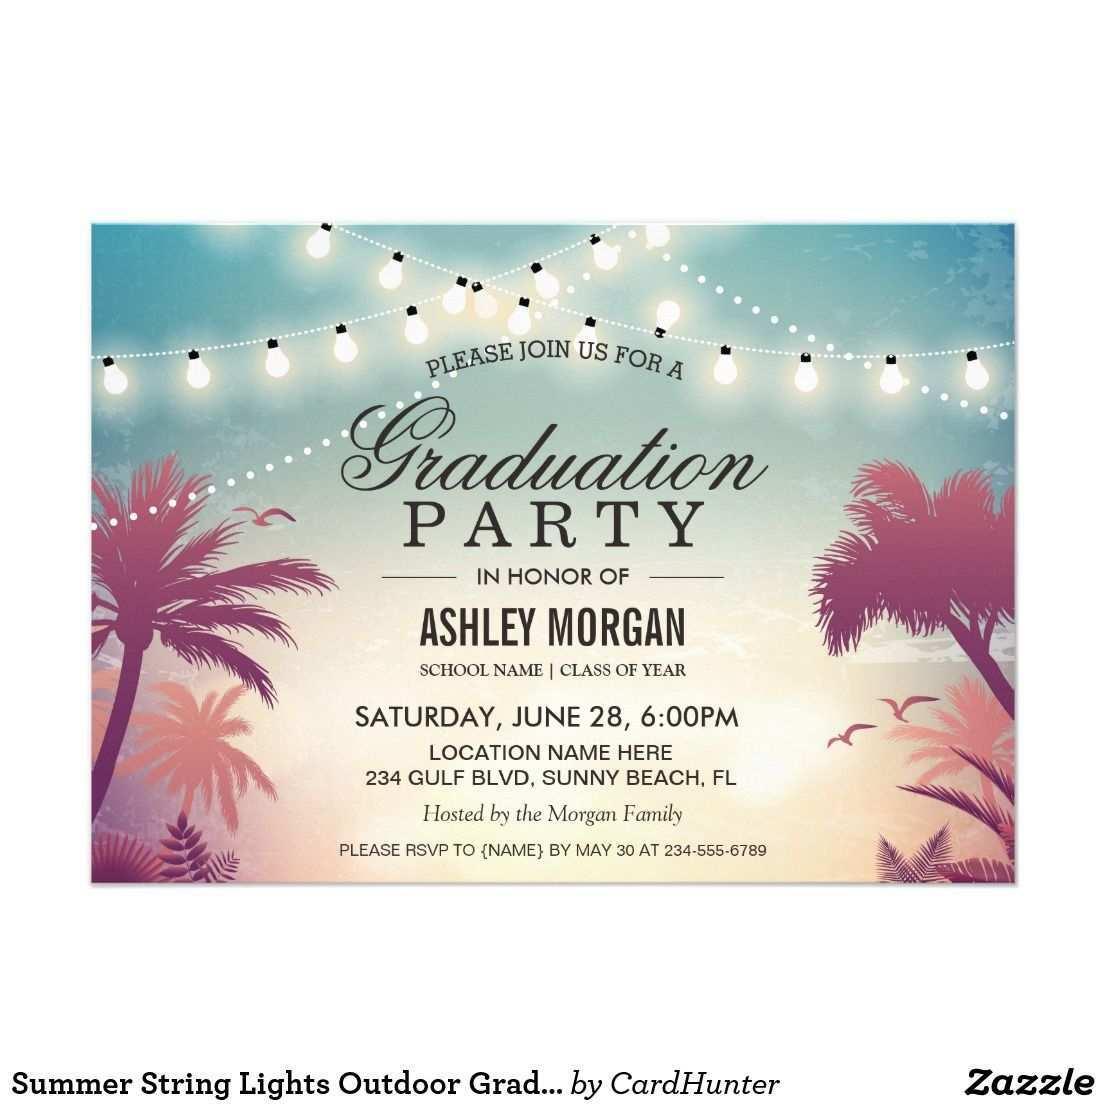 Sommersaitenlichter Aussenstudium Einladung Zazzle De Brautparty Einladung Brautparty Einladungen